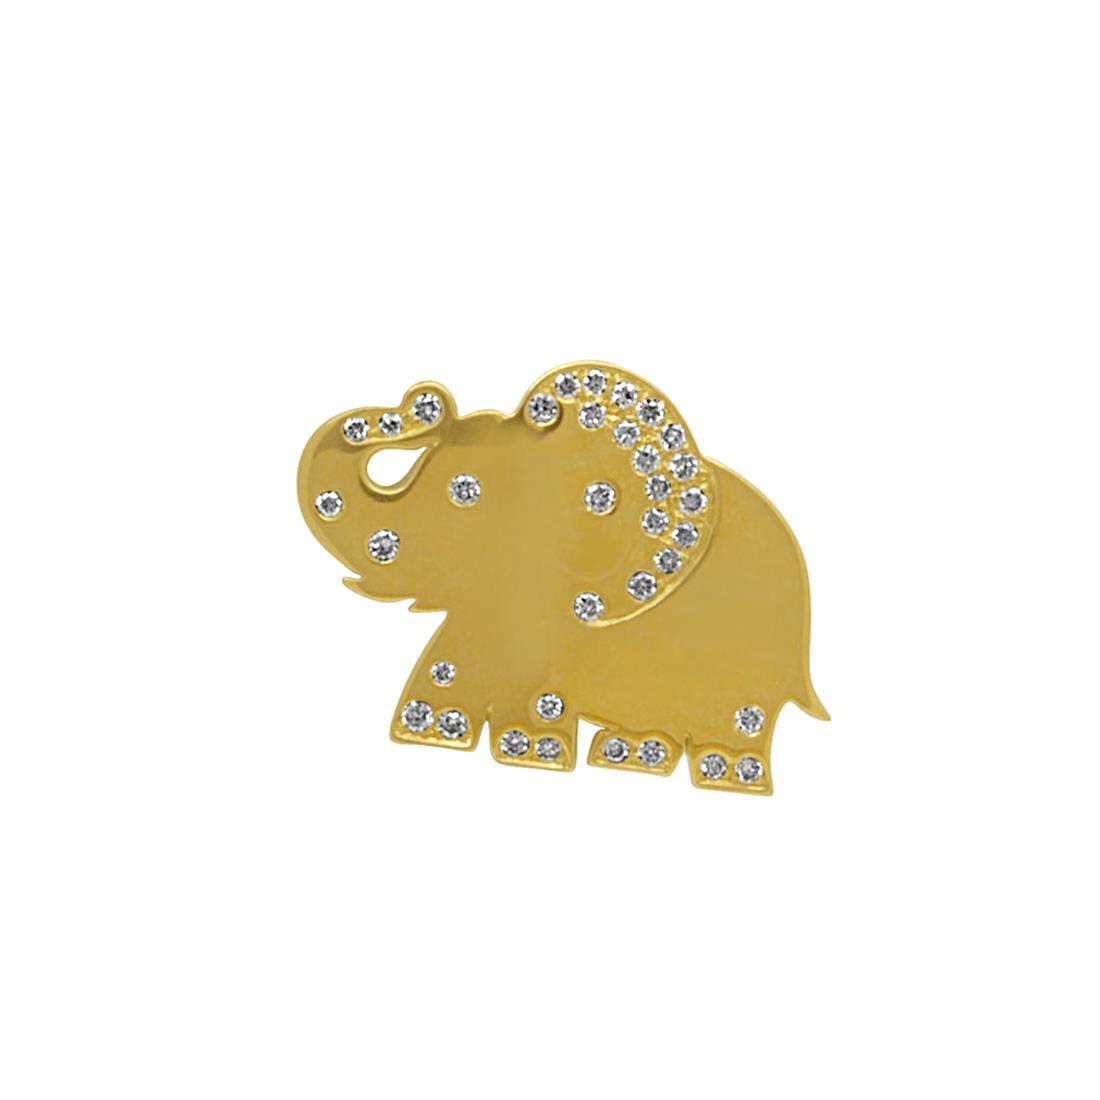 Monoorecchino in oro giallo e diamanti ct 0,16 - PASQUALE BRUNI